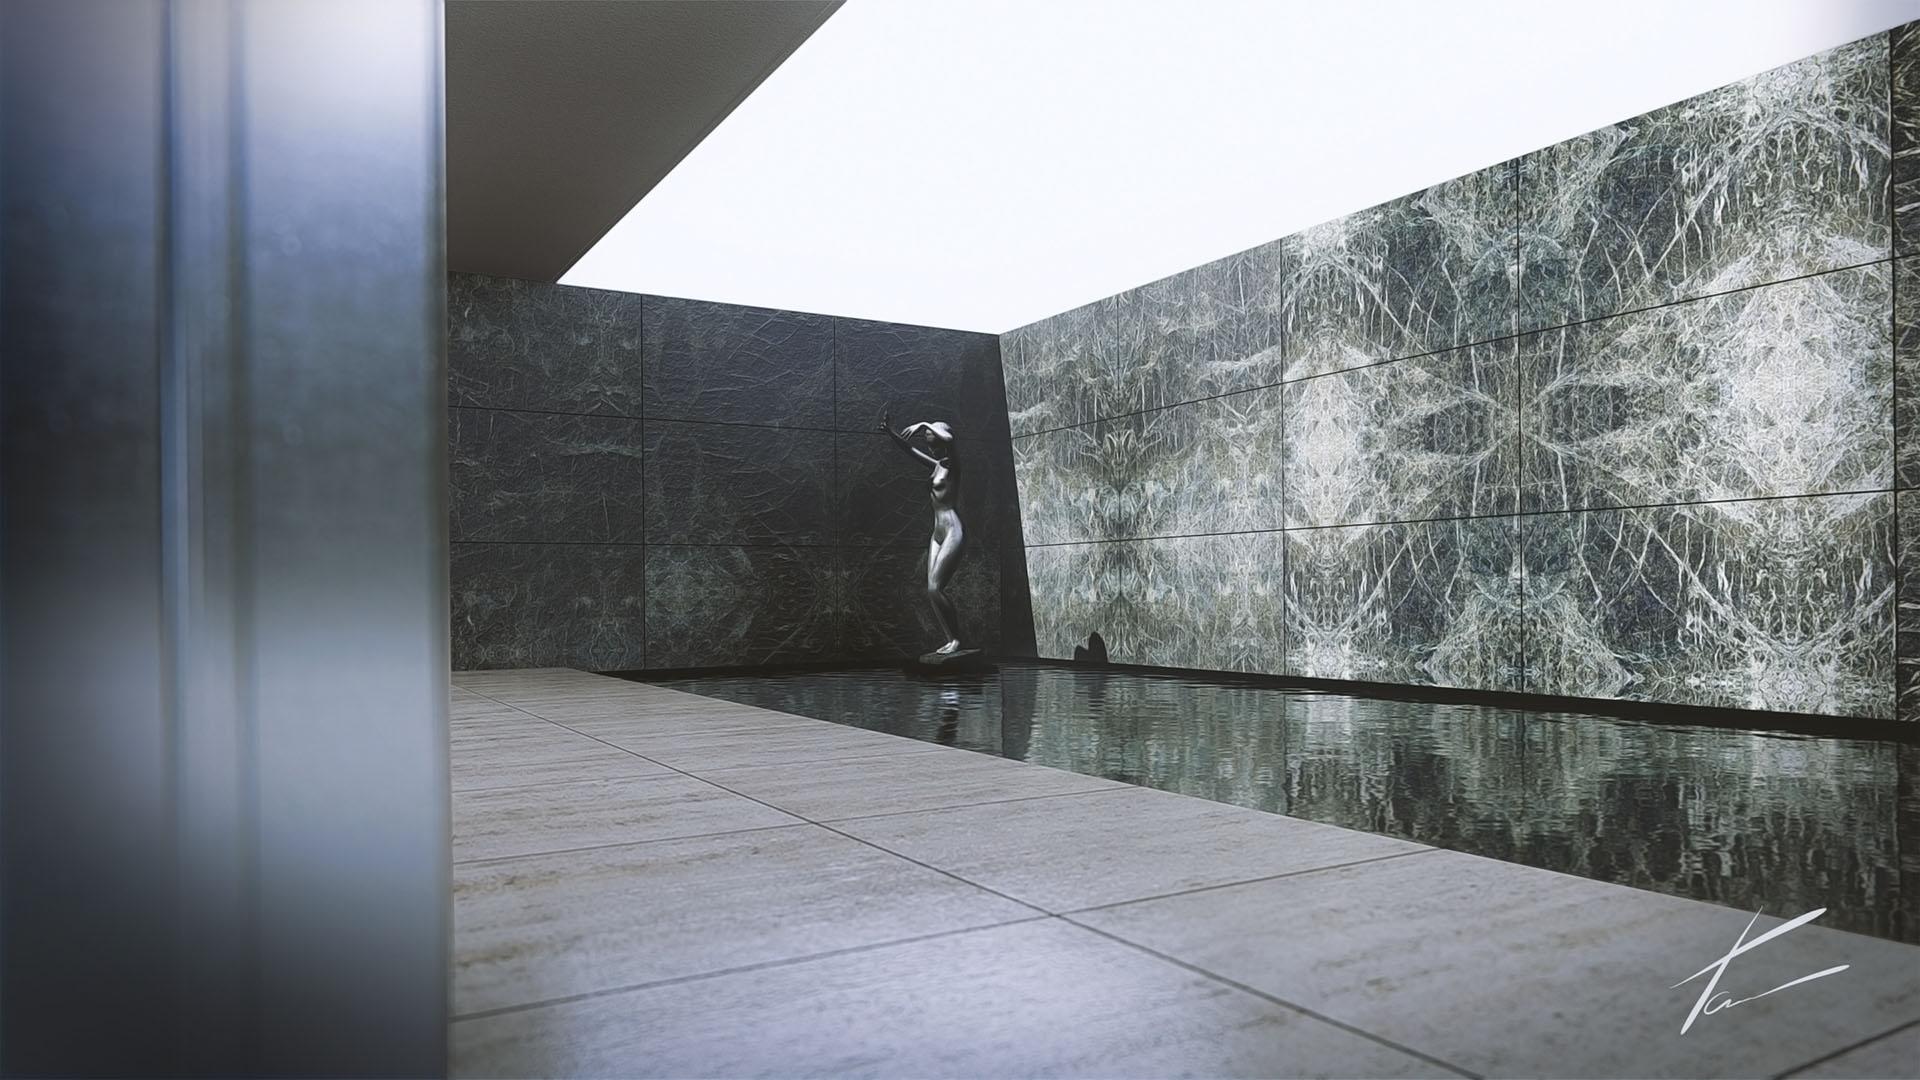 Kristijan Tavcar_Miragedereve_Tribute to Ludwig Mies van der Rohe_009.jpg